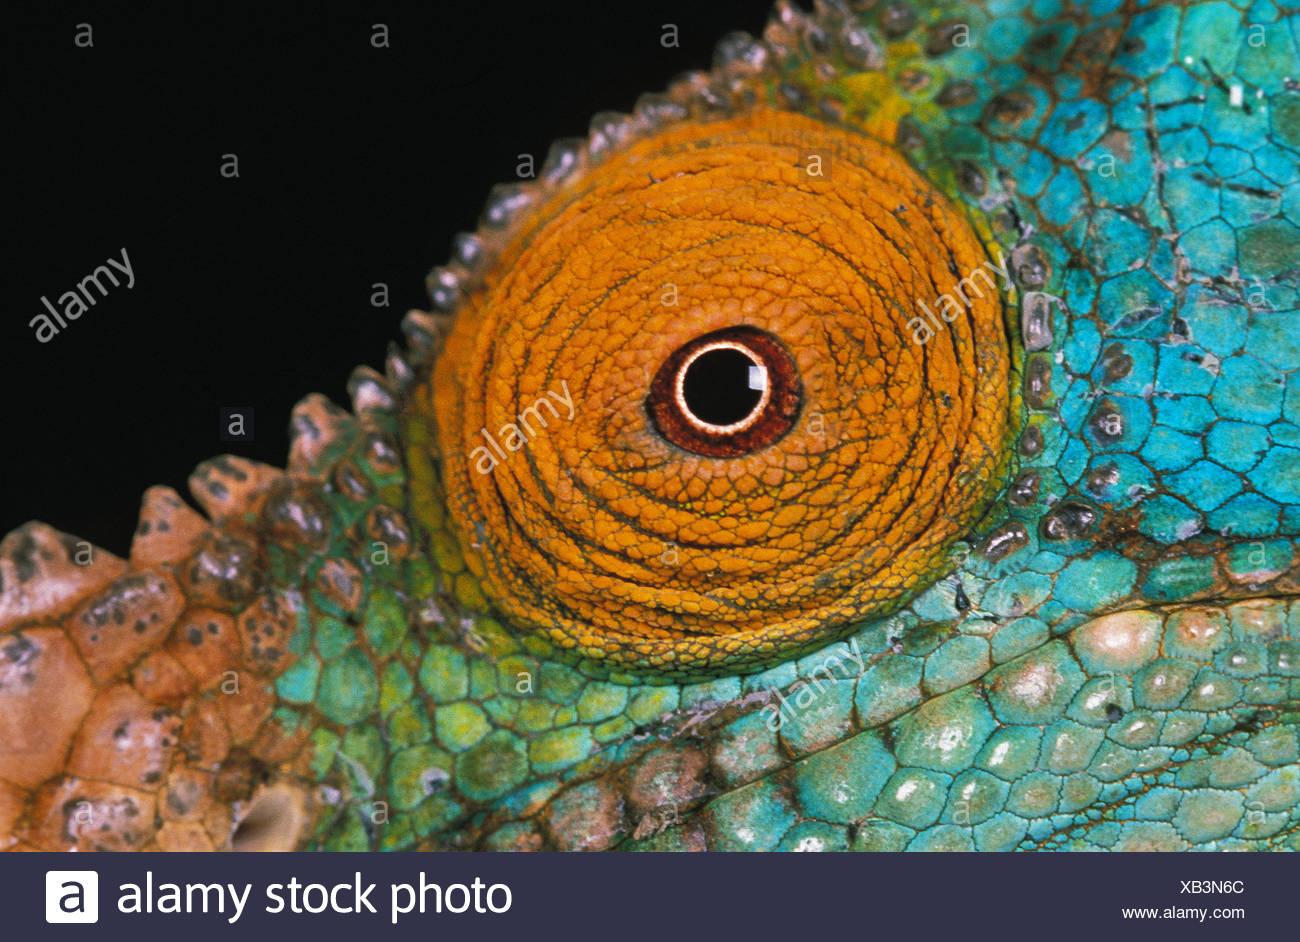 PARSON'S CHAMELEON chamaeleo parsonii, Close up of Eye against Black Background - Stock Image